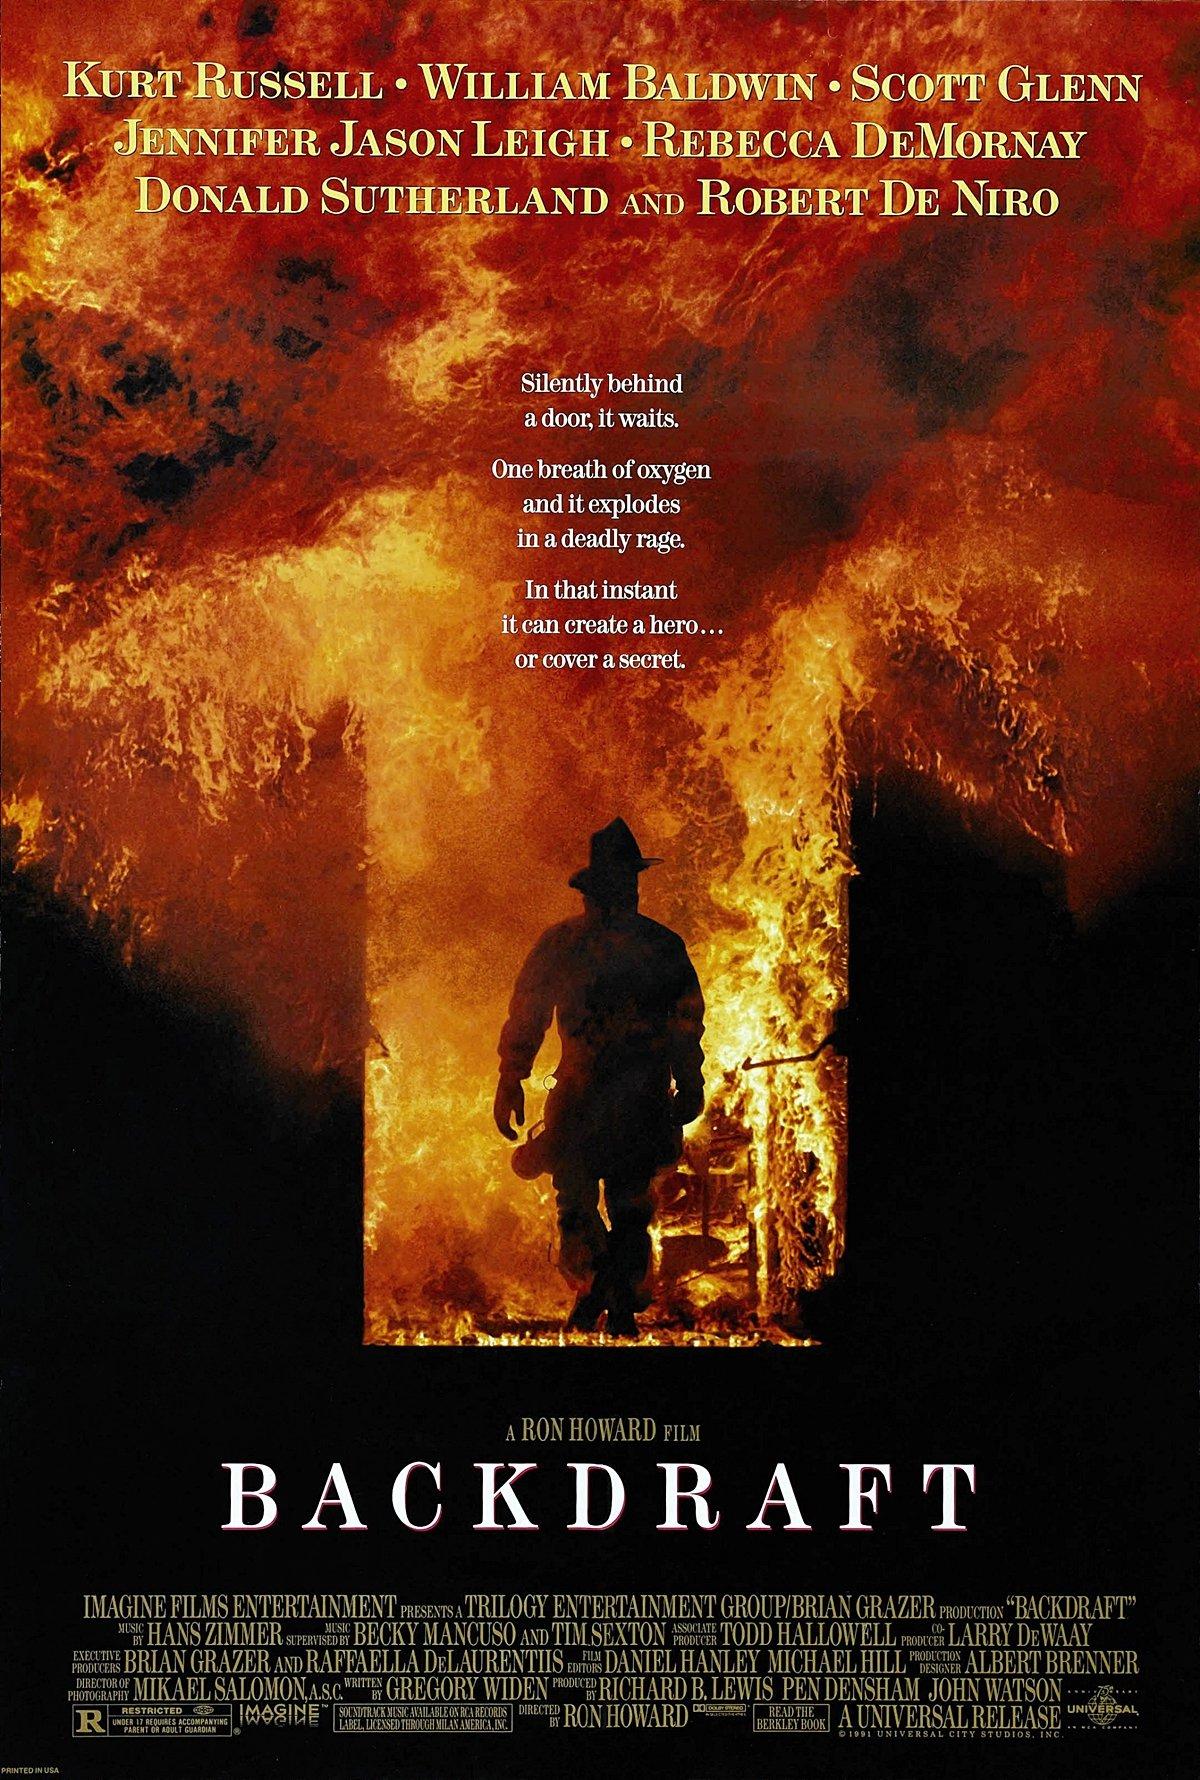 movie poster for backdraft 1991